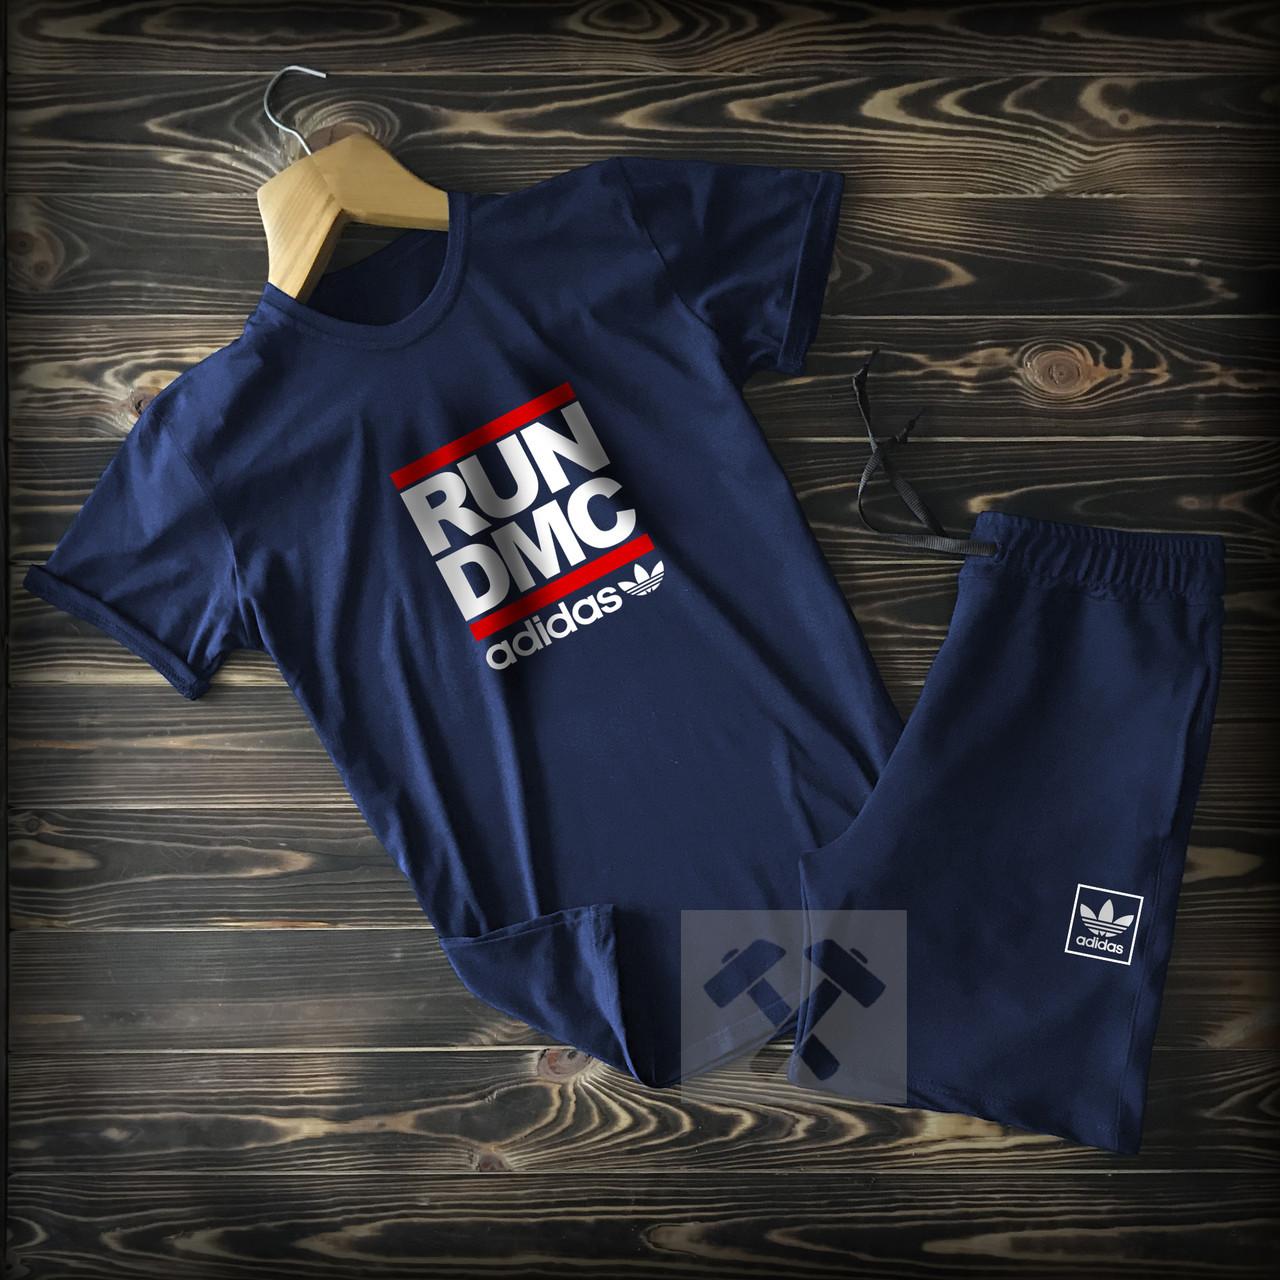 3cddccb6 Мужской летний спортивный костюм Adidas Run темно-синего цвета топ-реплика